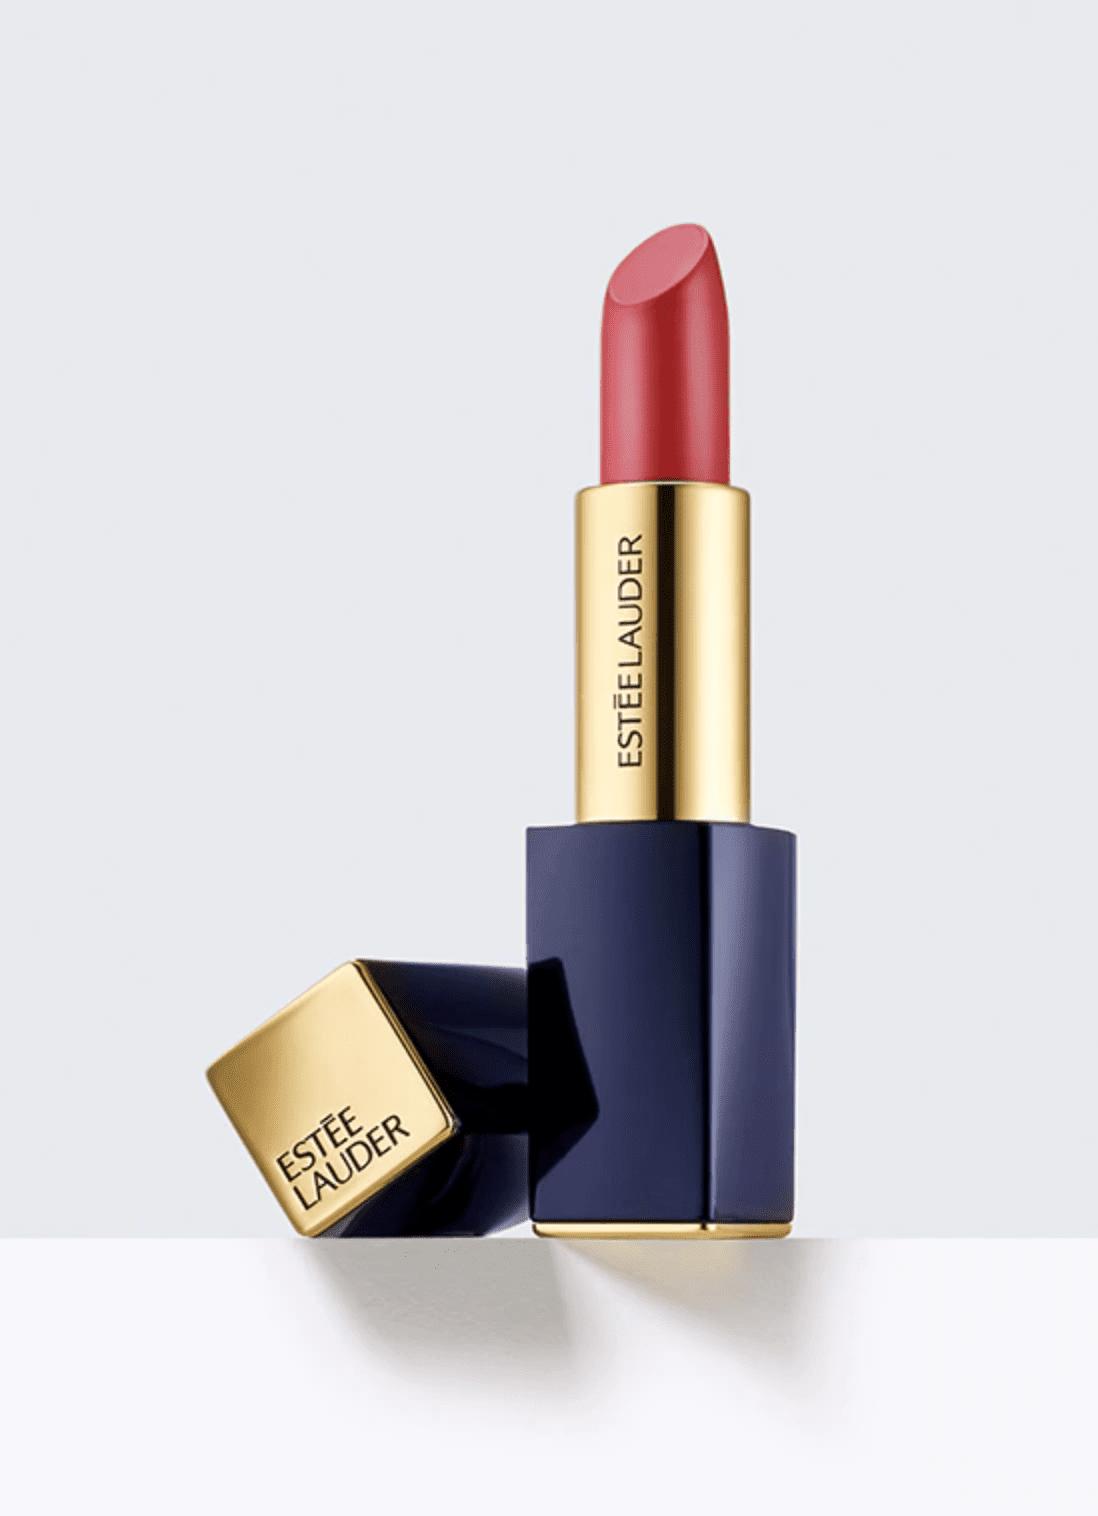 Estee Lauder Pure Color Envy Lipstick